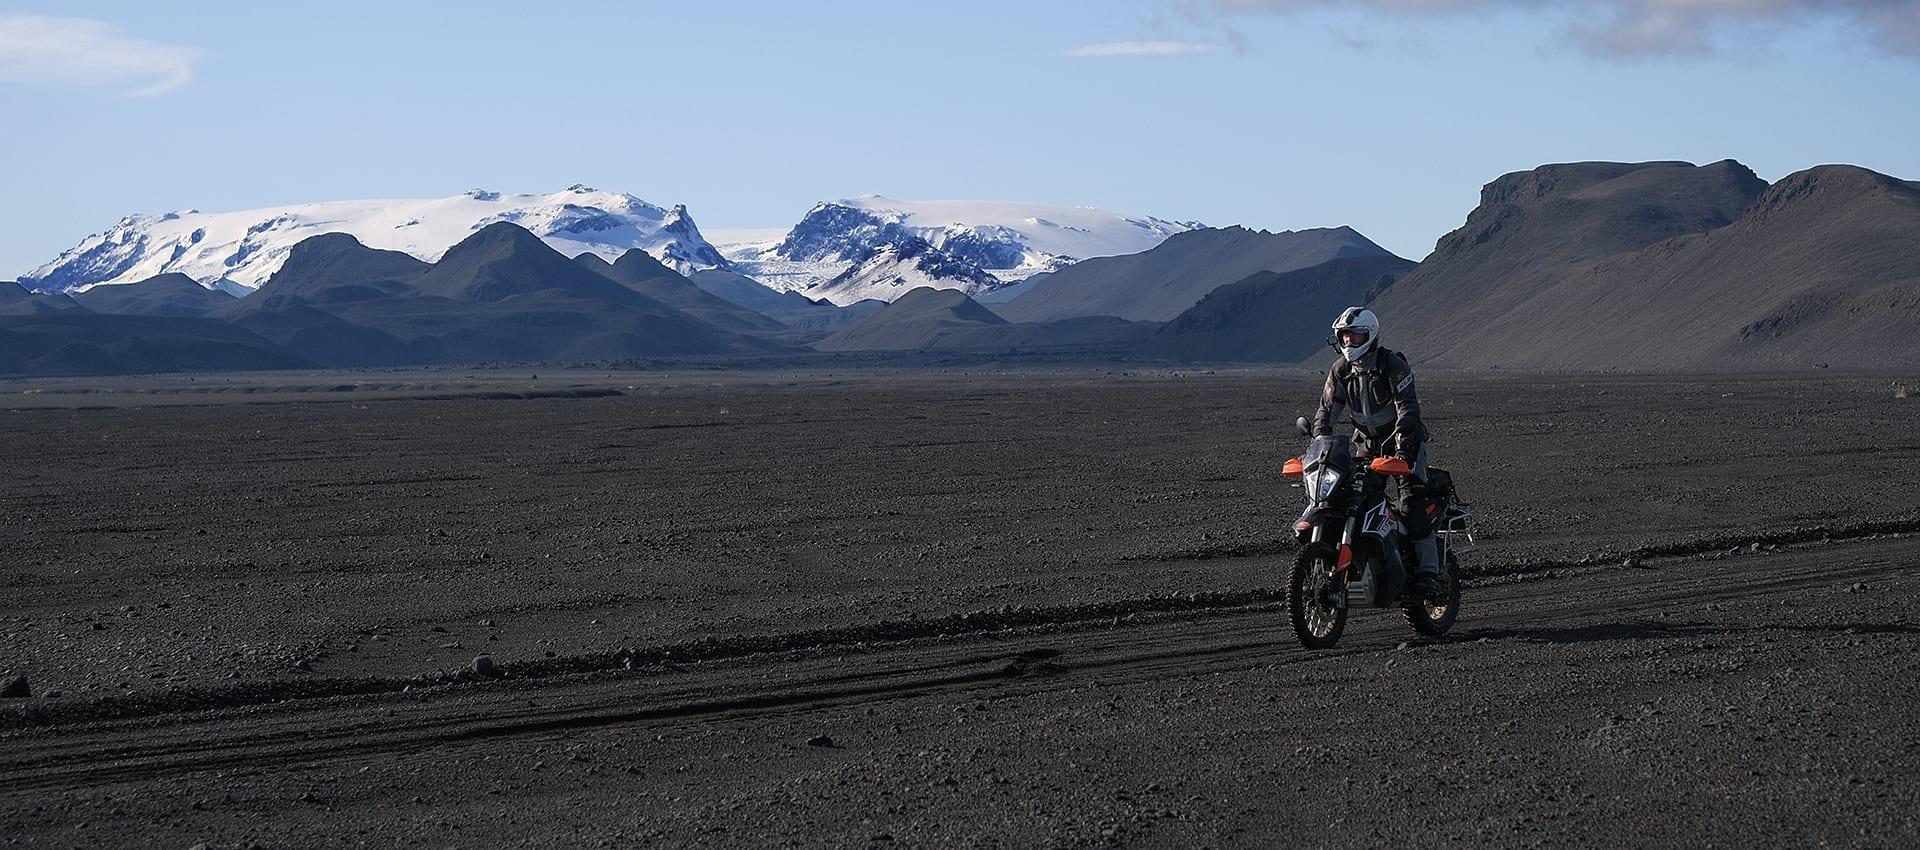 Vul het deelnameformulier in en ga met ons mee op pad naar IJsland